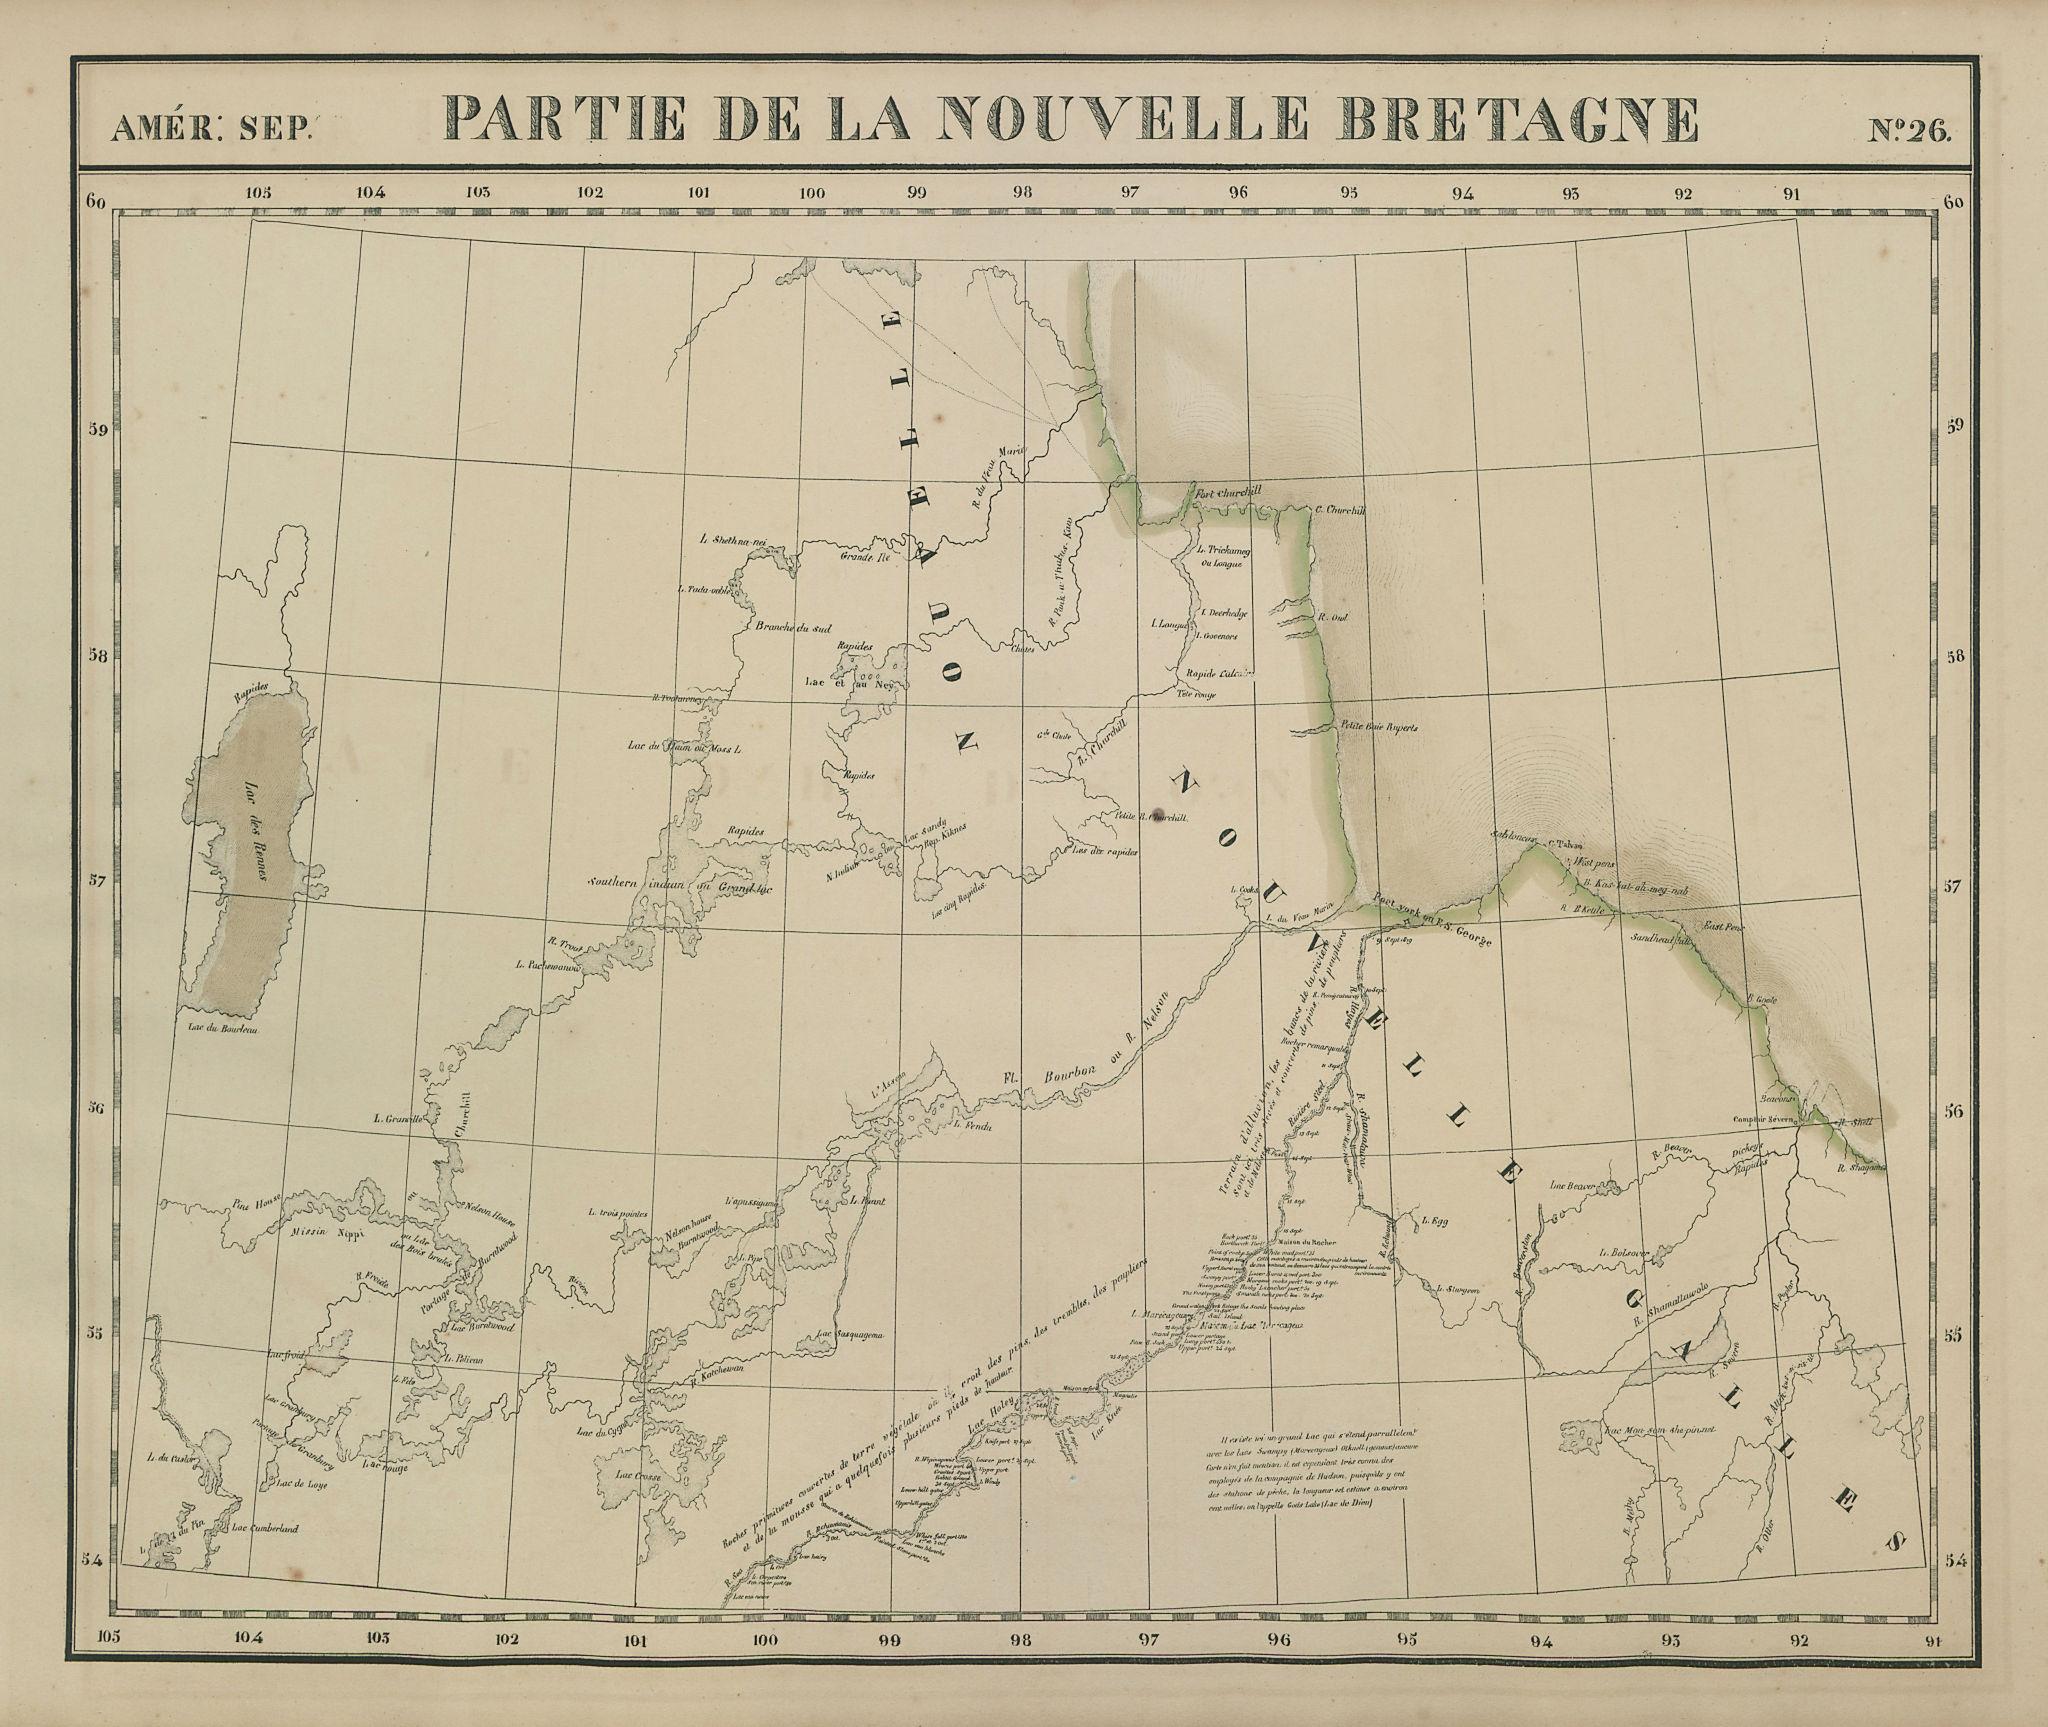 Amér Sep Partie de la Nouvelle Bretagne #26 North Manitoba VANDERMAELEN 1827 map